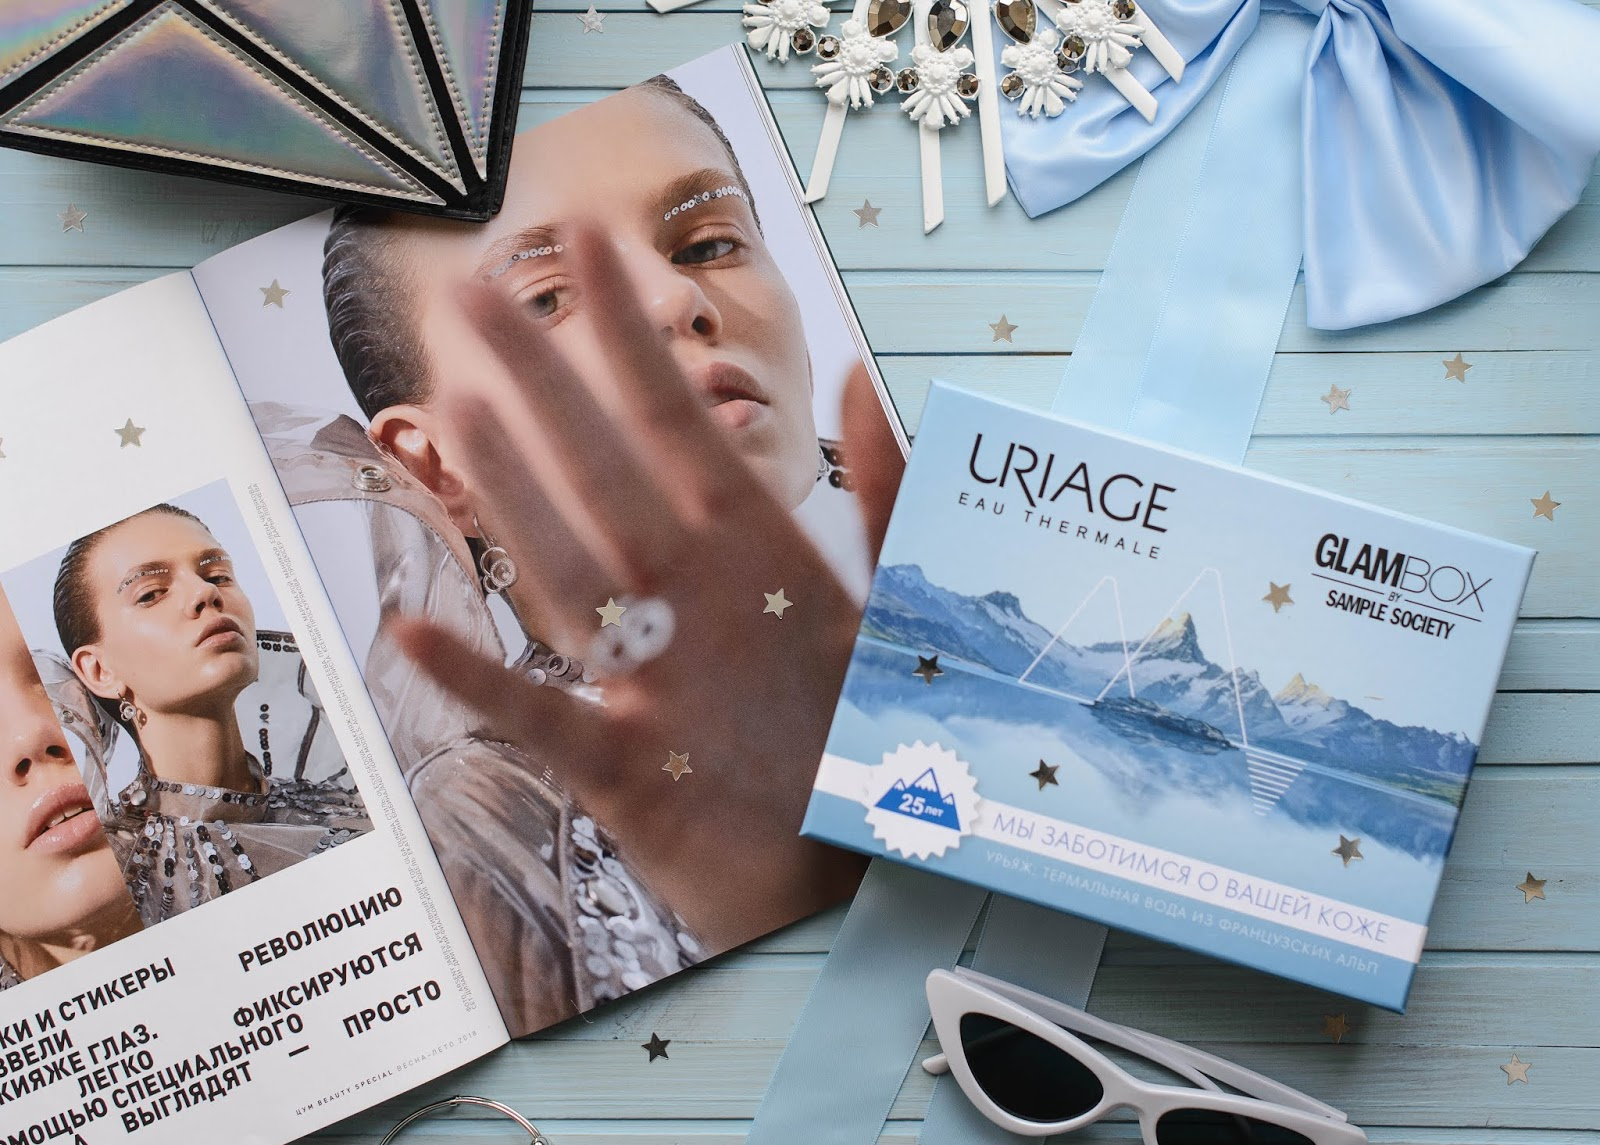 http://www.recklessdiary.ru/2018/05/uriage-box-glambox-isodens-micellyarnaya-voda--termalnaya-voda-otzyvy.html